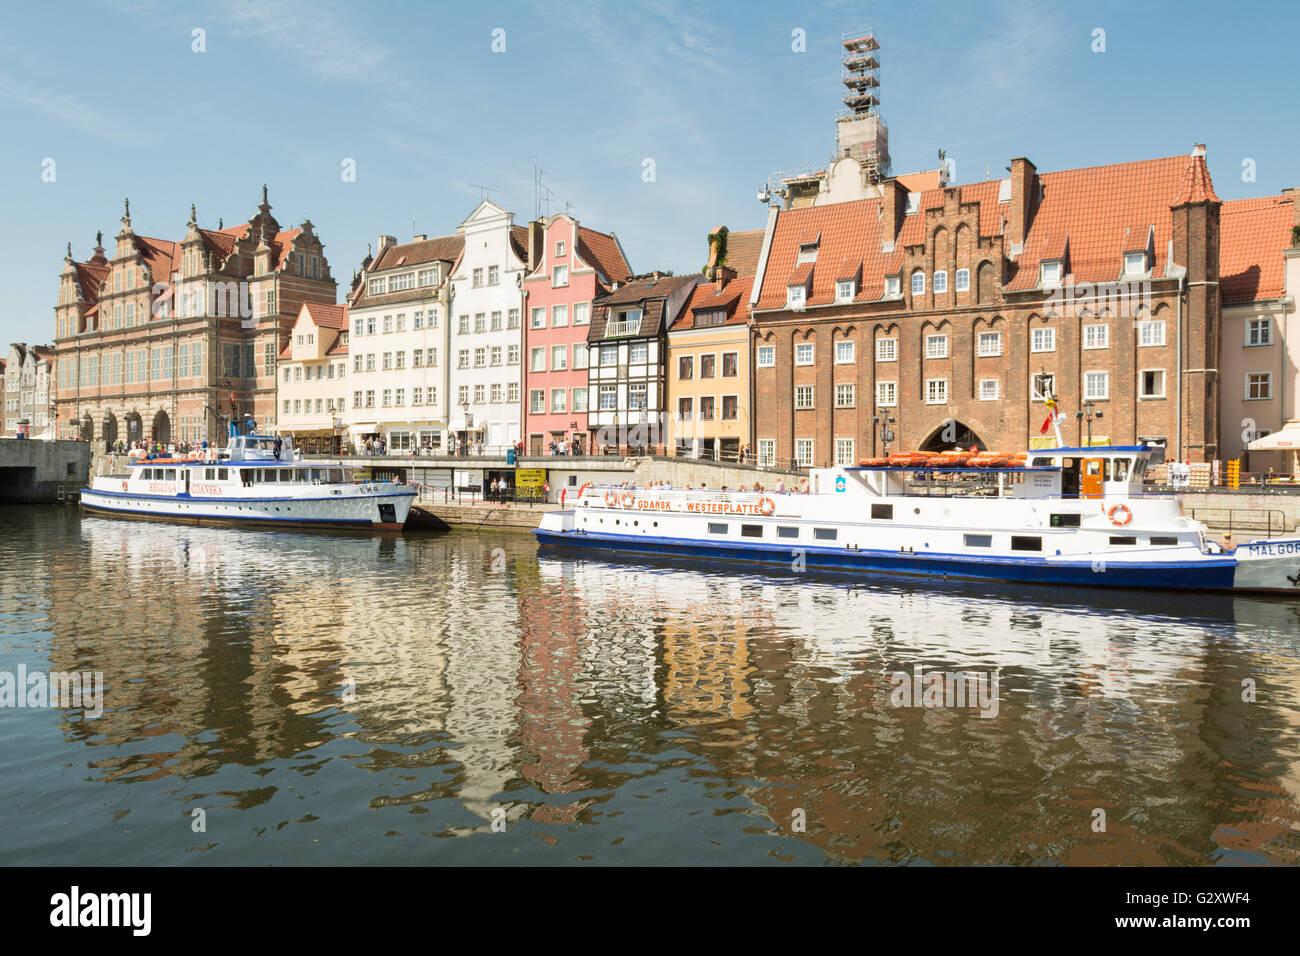 Gdansk, Pologne: vue de long pont promenade, bateaux touristiques et de la rivière Motlawa Photo Stock